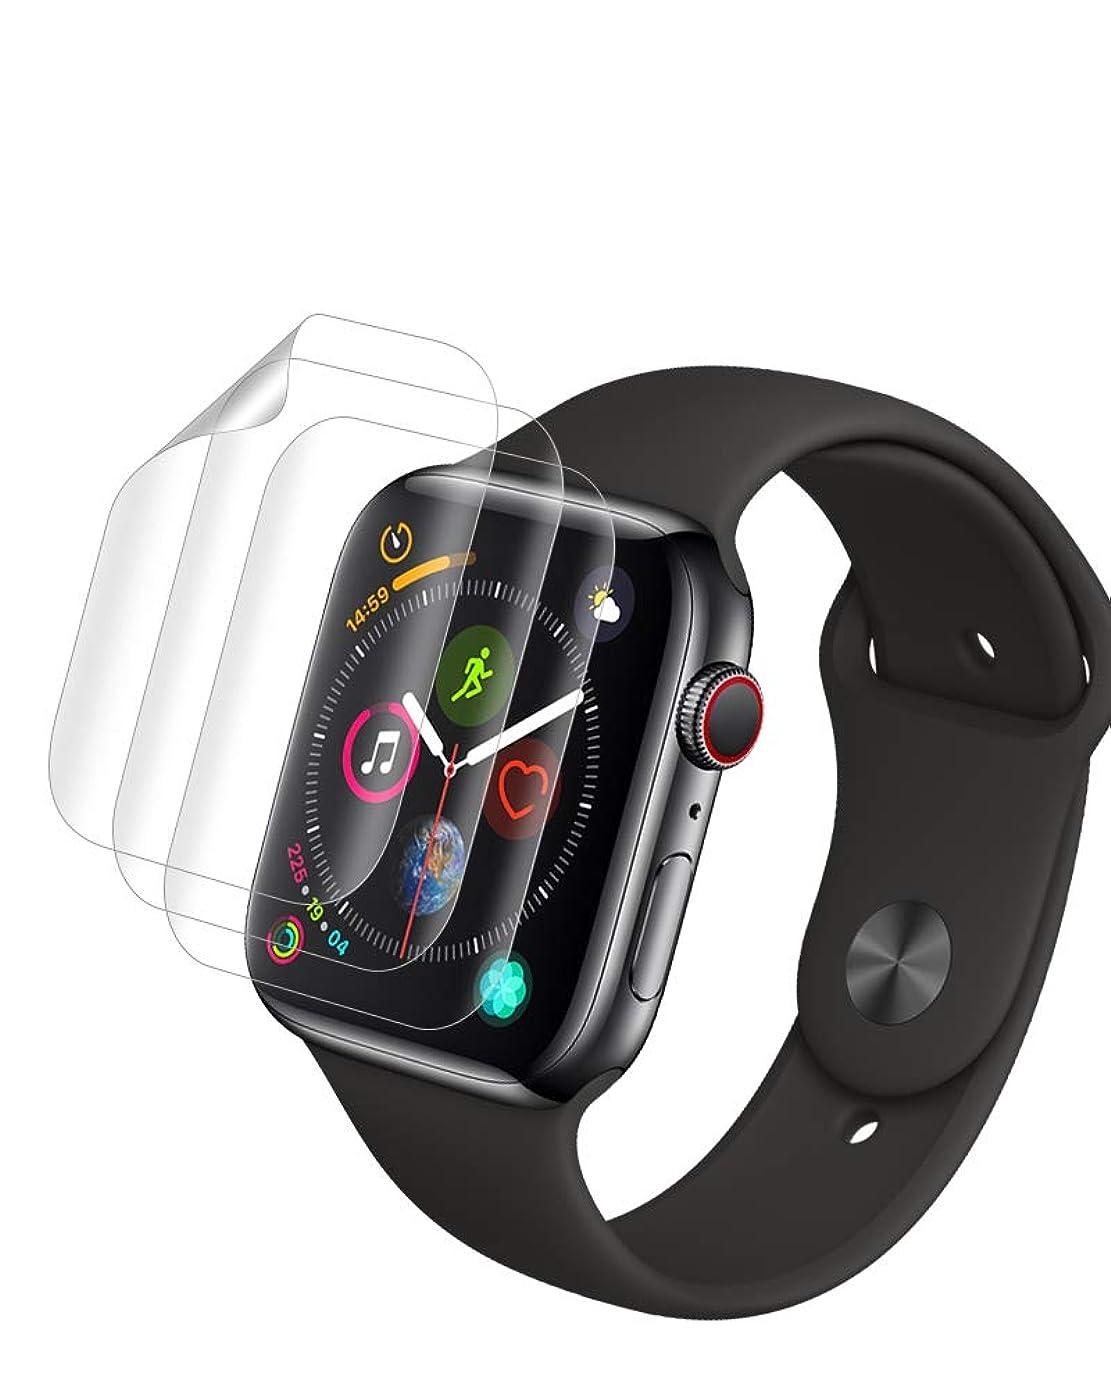 神経障害うなるベックス【3枚パック】TopACE Apple watch 4 44mm / Apple watch 5 44mm 保護フィルム 高精細度 高光沢 TPU製 Apple watch series 4 / series 5 44mm フィルム 対応